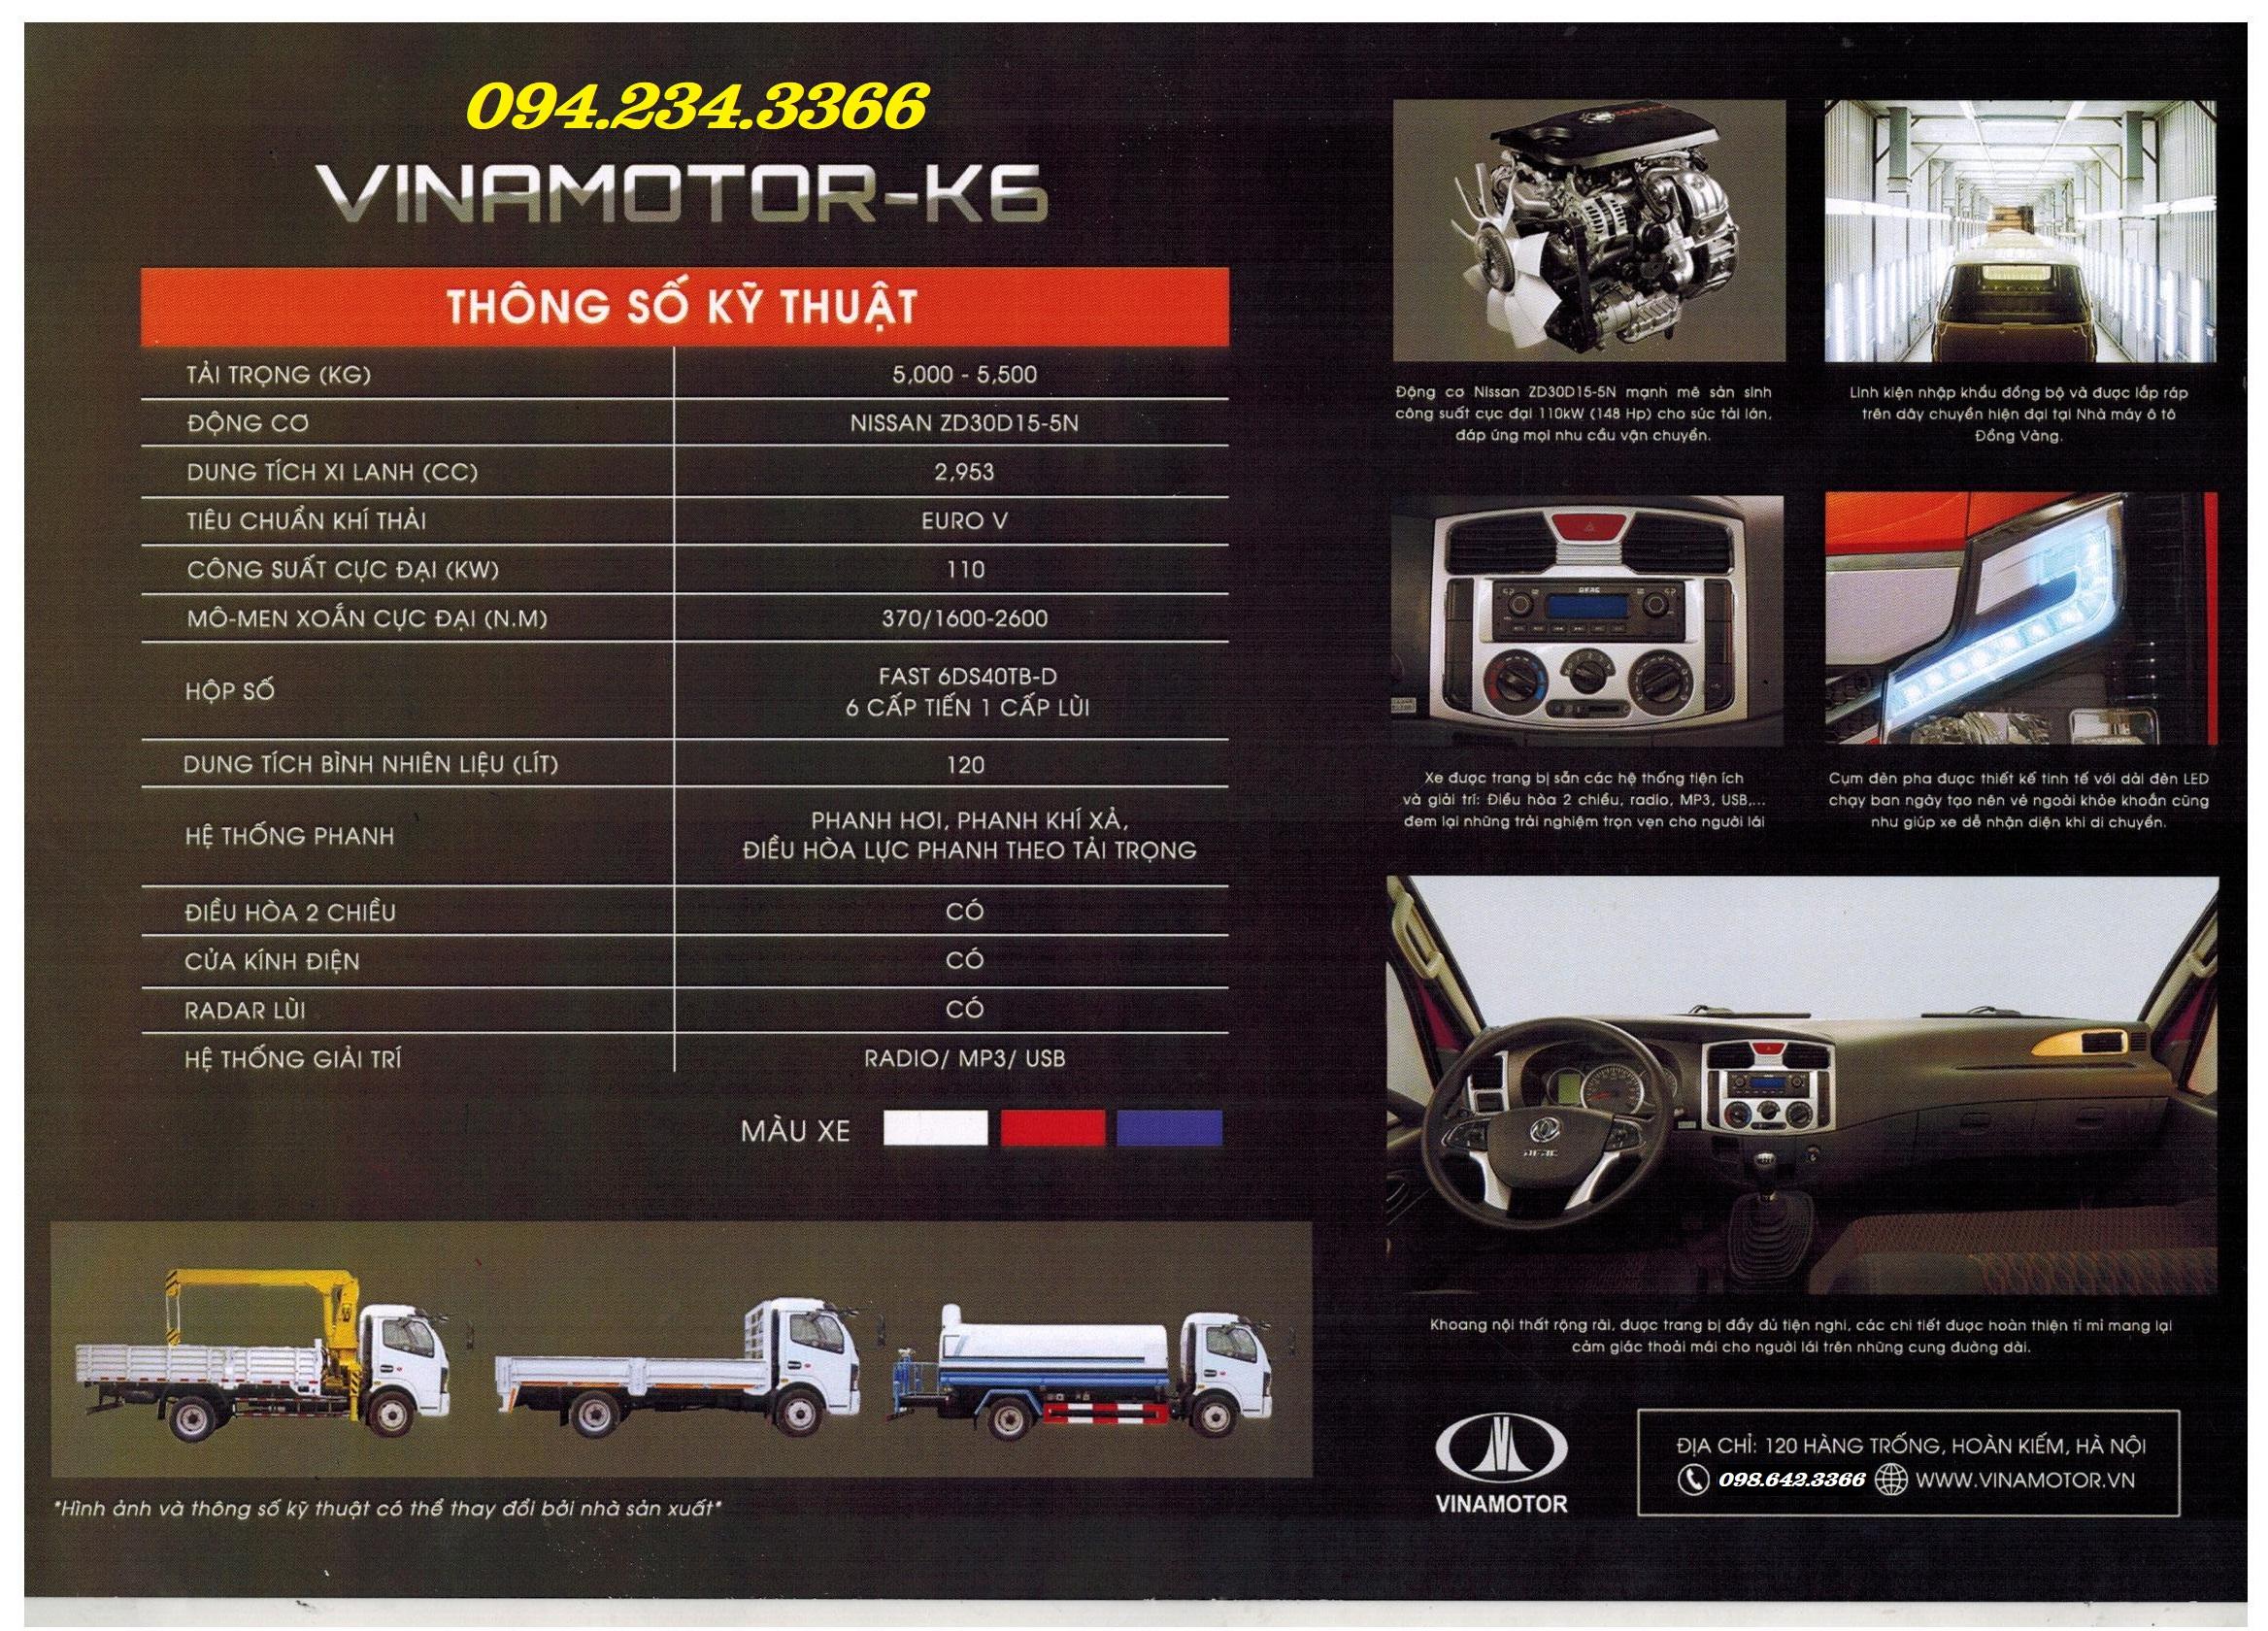 Thông số kỹ thuật Vinamotor K6